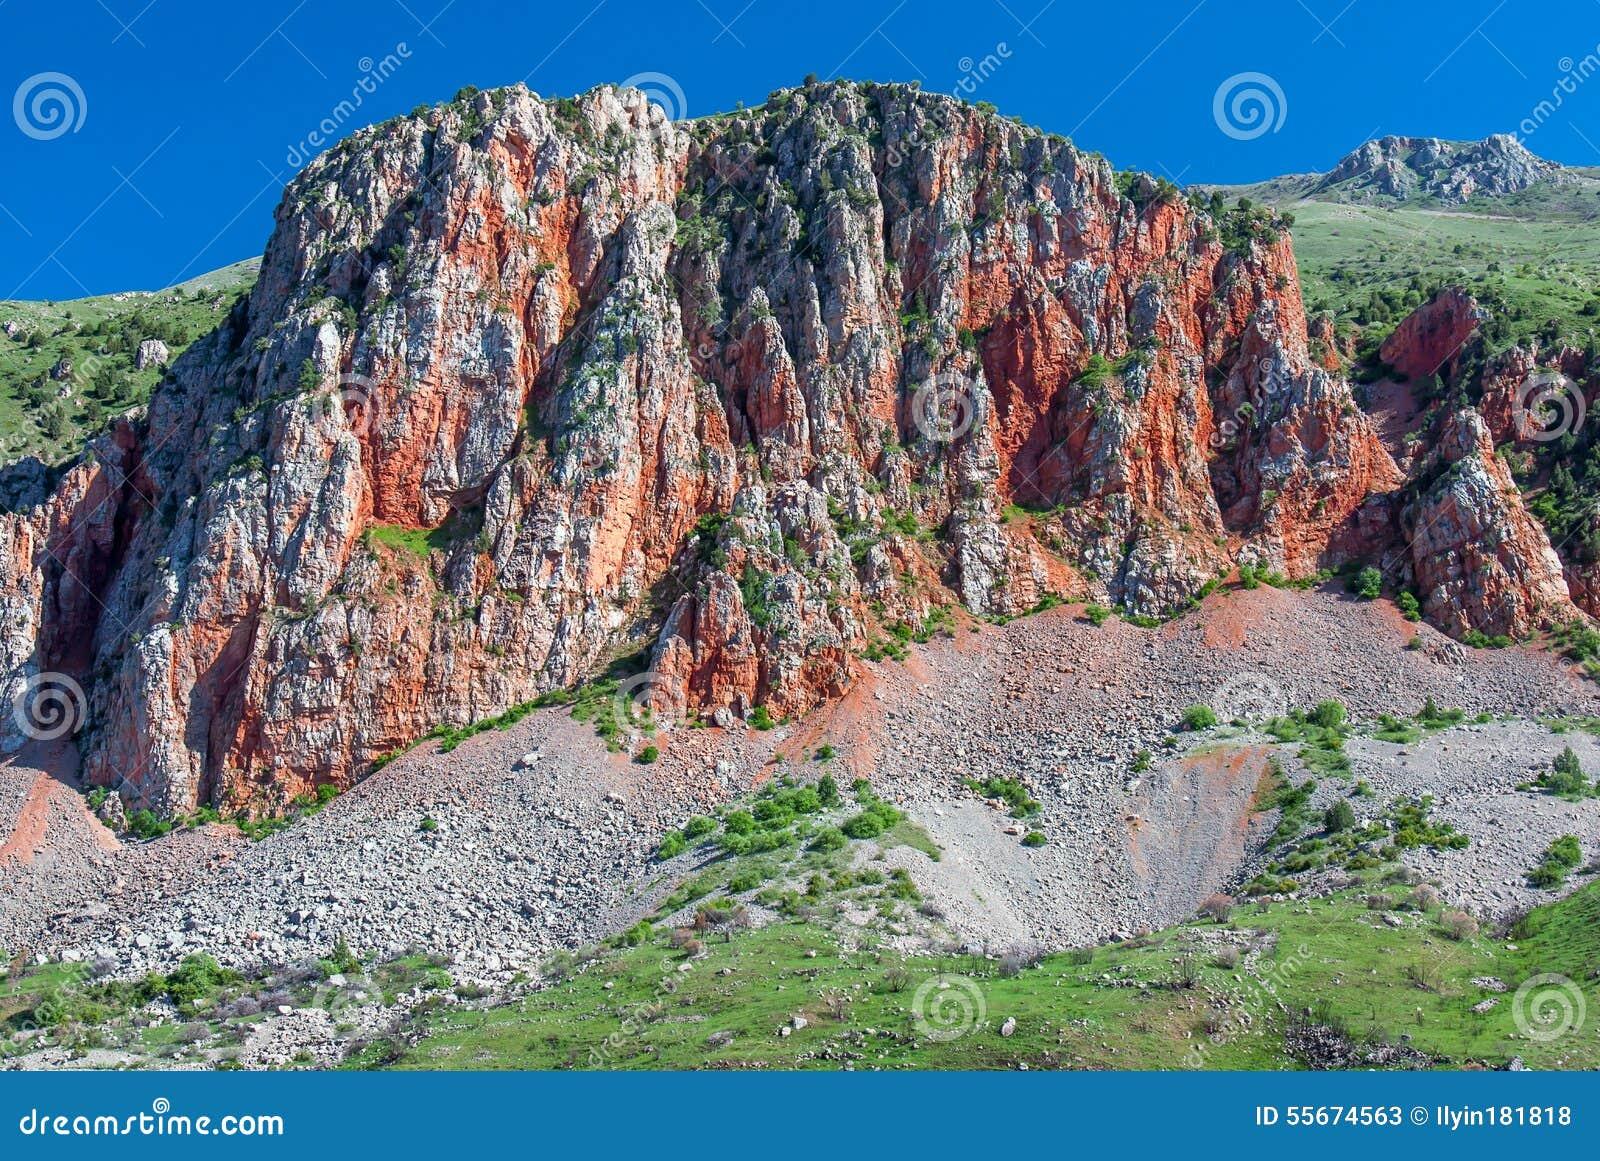 горы фото армения